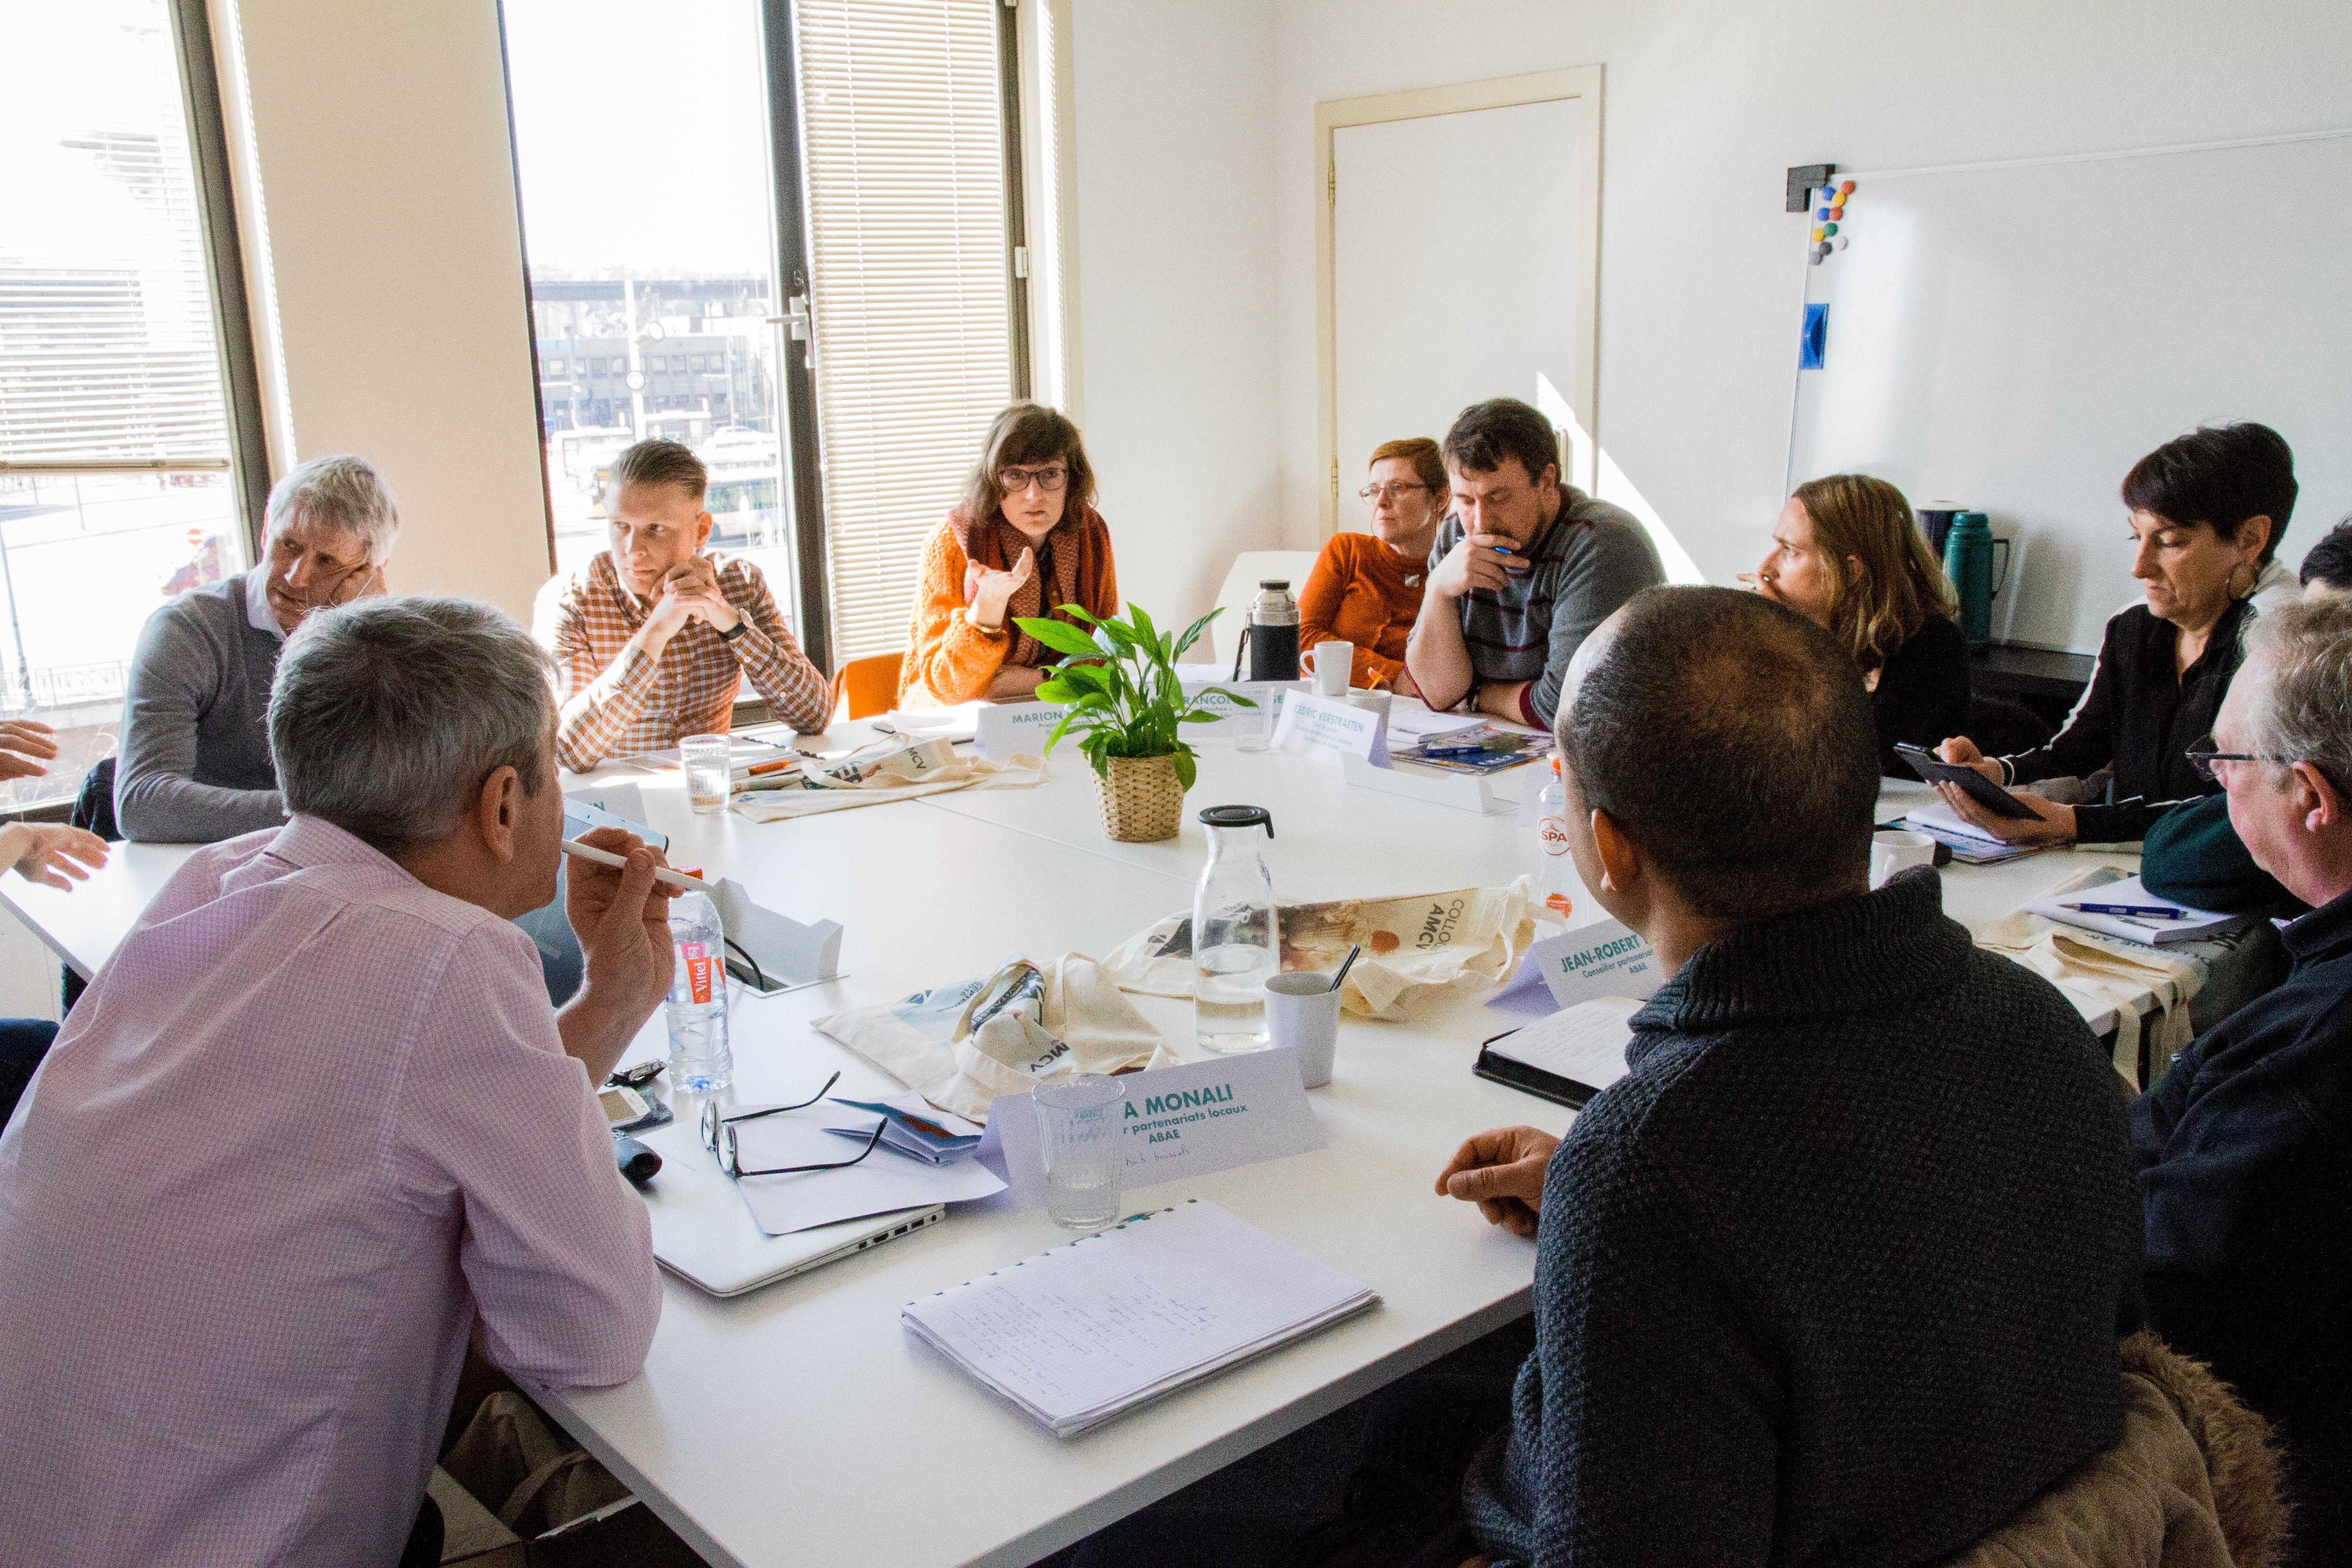 Formation en Gestion de l'espace public, places éphémères et Place Making.8